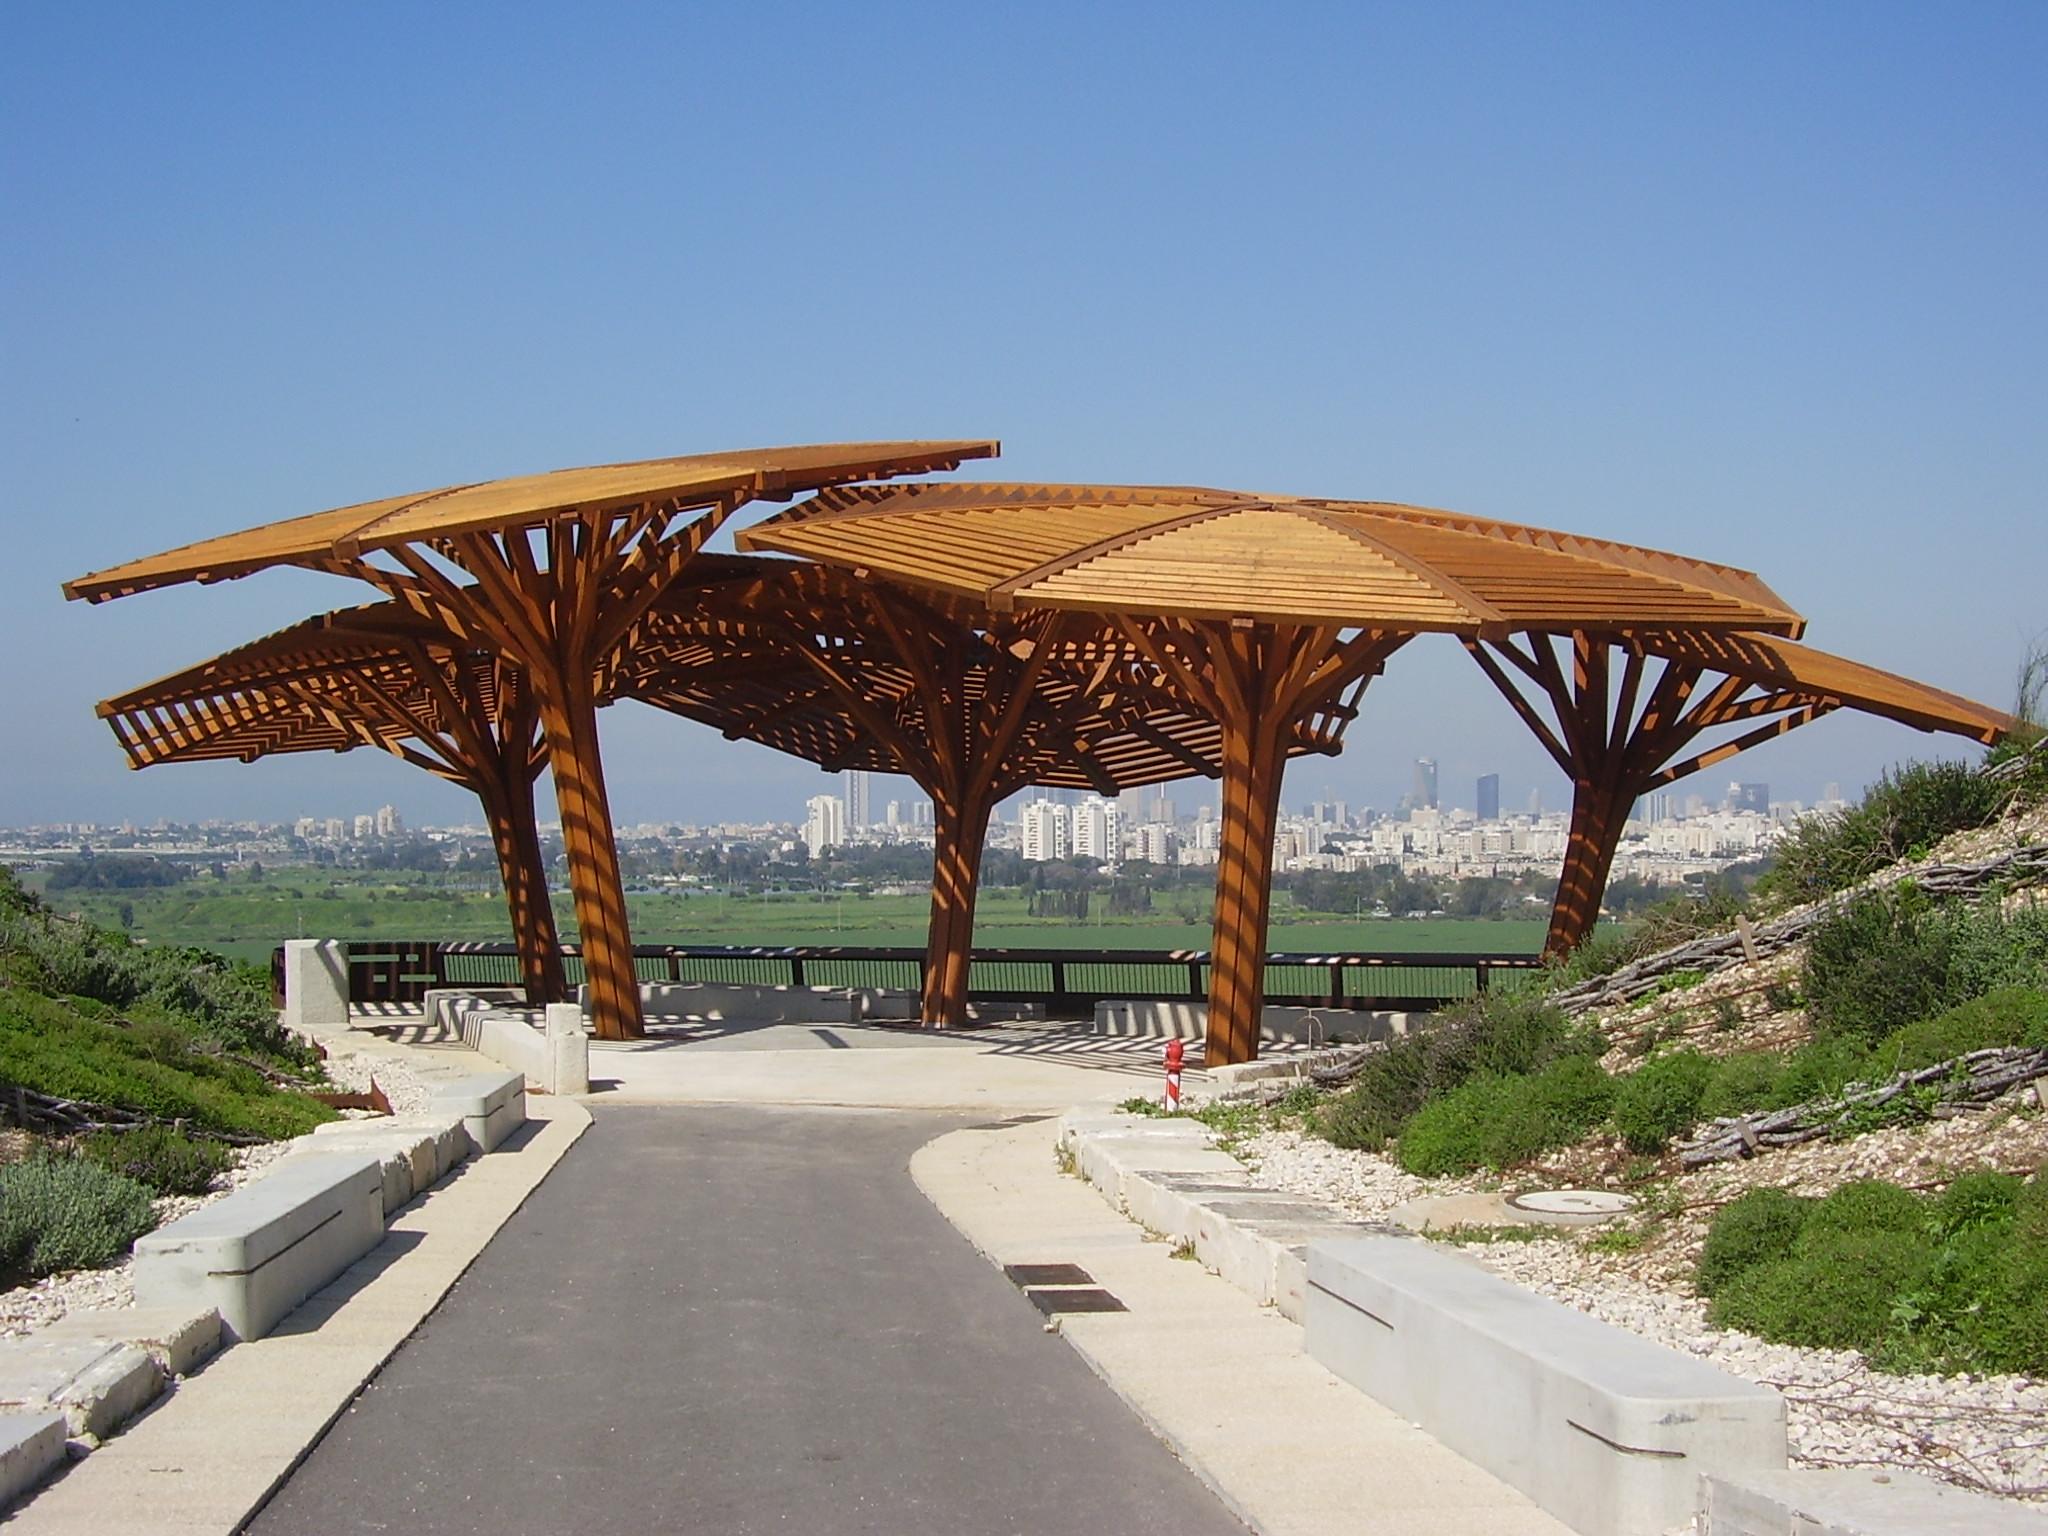 חוות דעת הנדסית לפרגולה בפארק חיריה